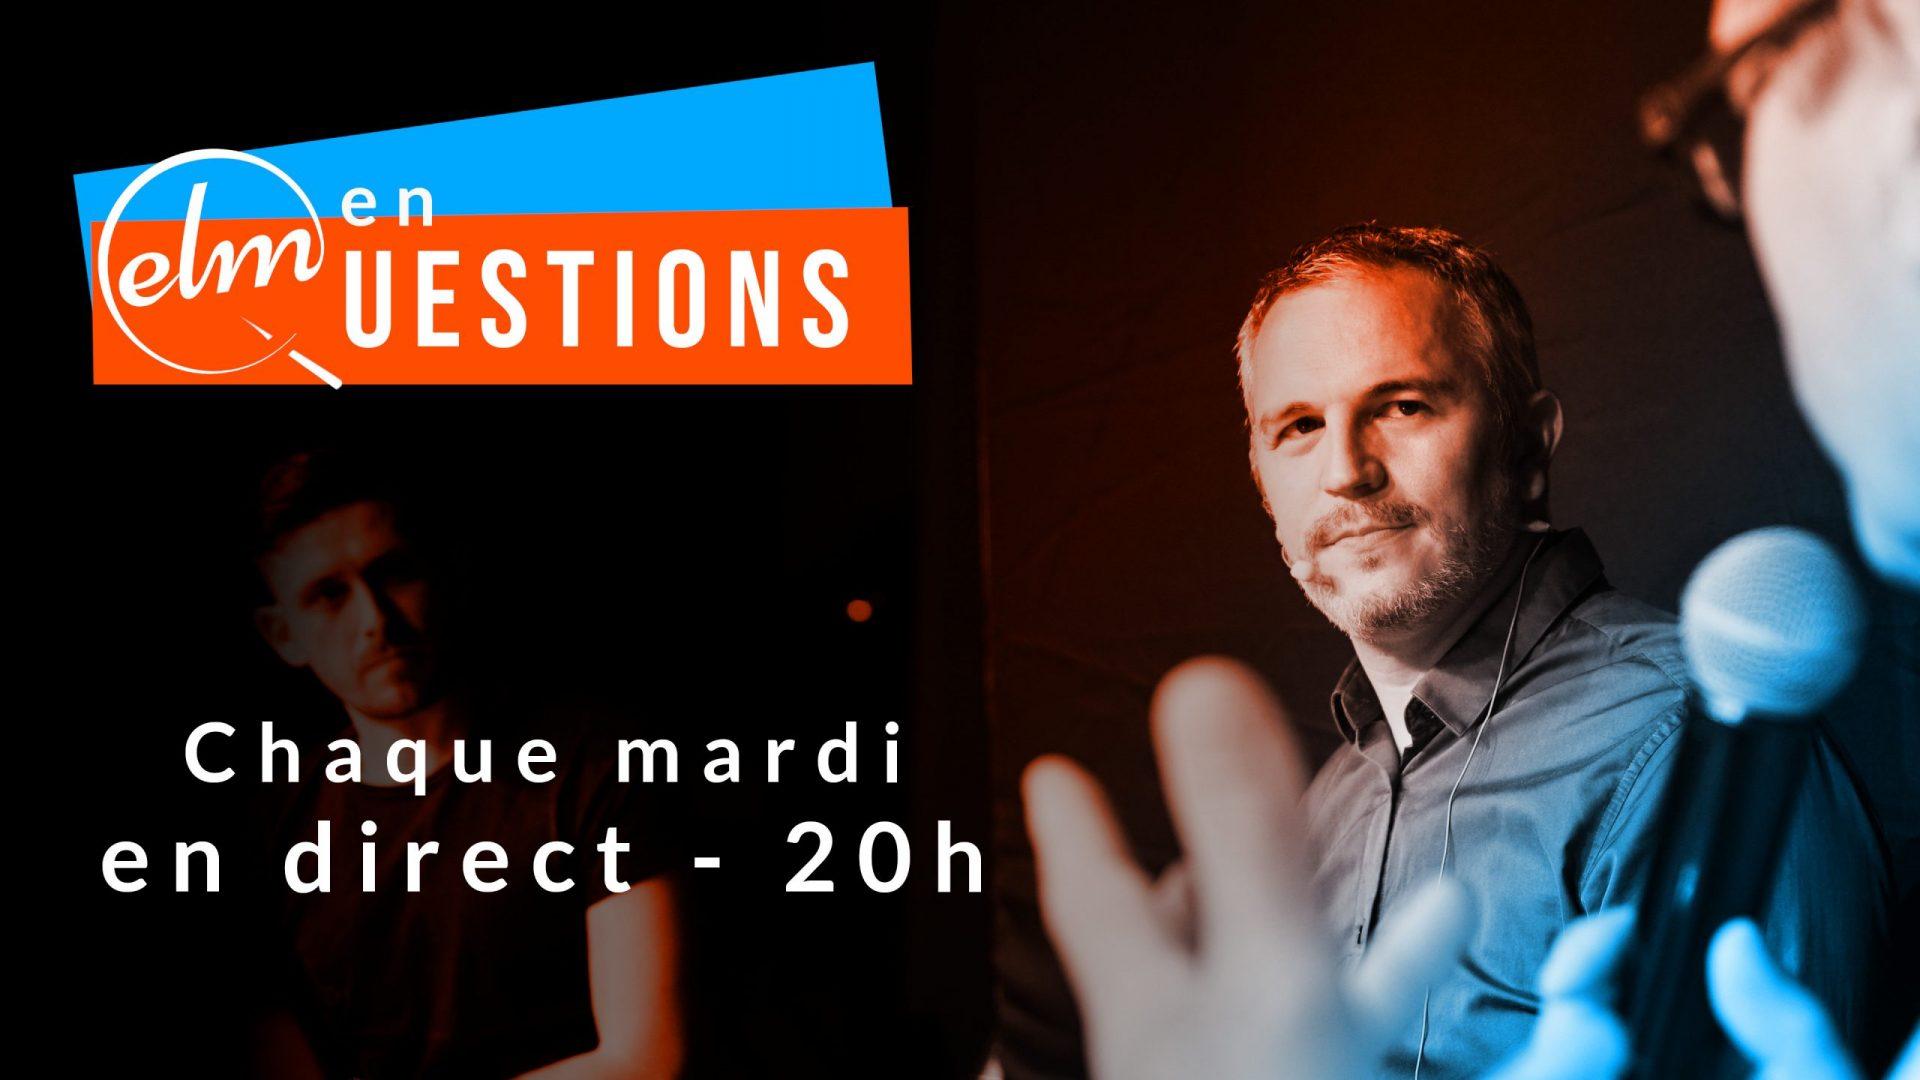 ELM_EN_QUESTIONS_CHAQUE MARDI